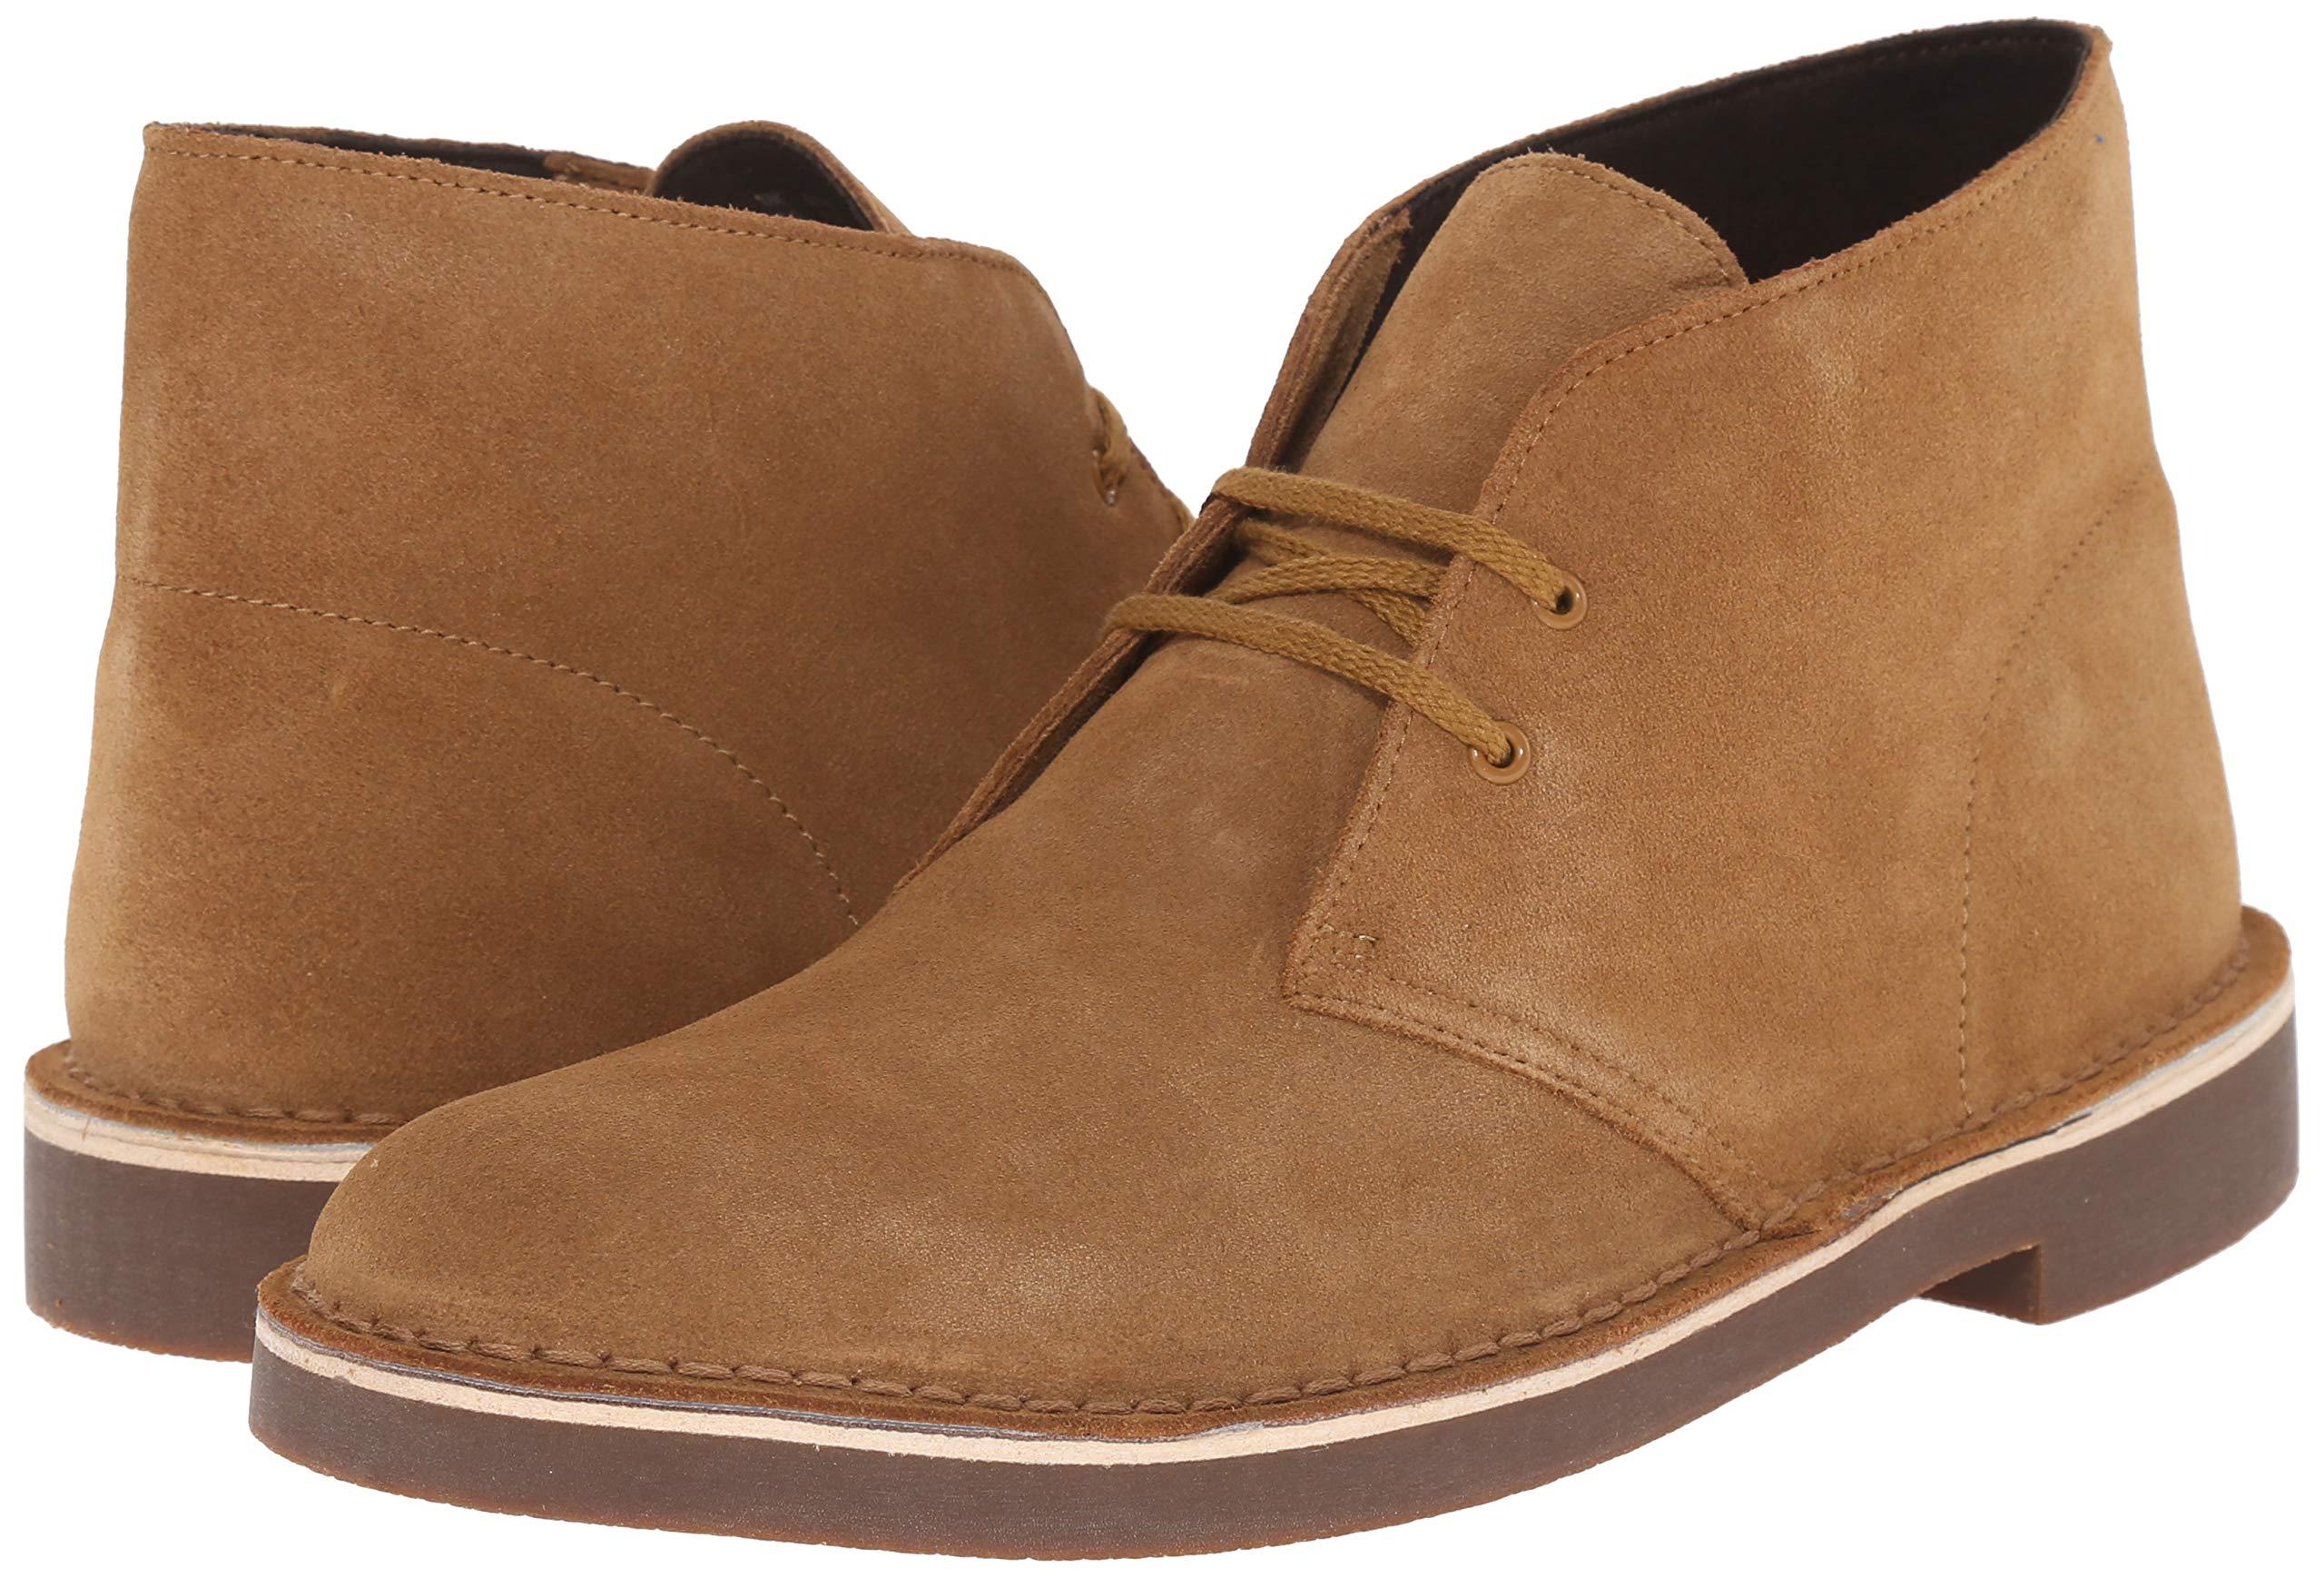 Clarks Men's Bushacre 2 Chukka Boot 6